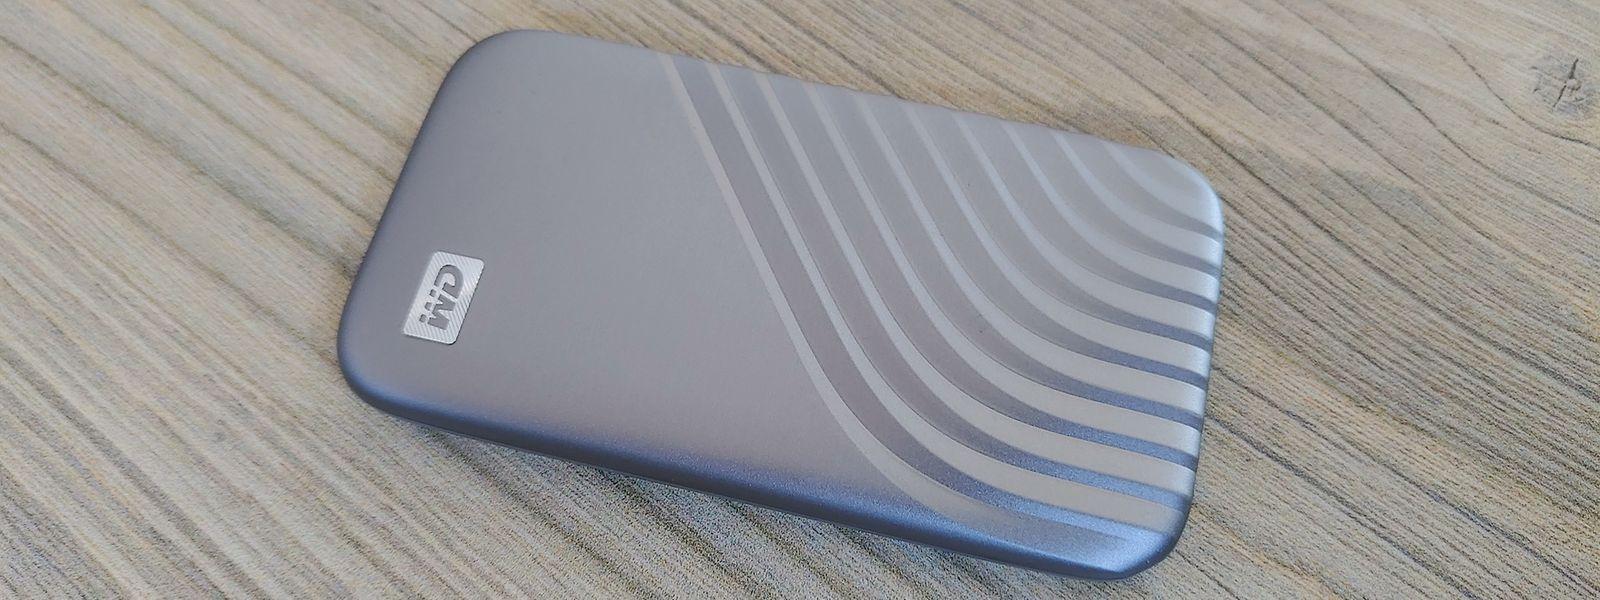 """Die Festplatte """"My Passport SSD"""" von Western Digital soll eine neue Performance-Generation einleiten."""